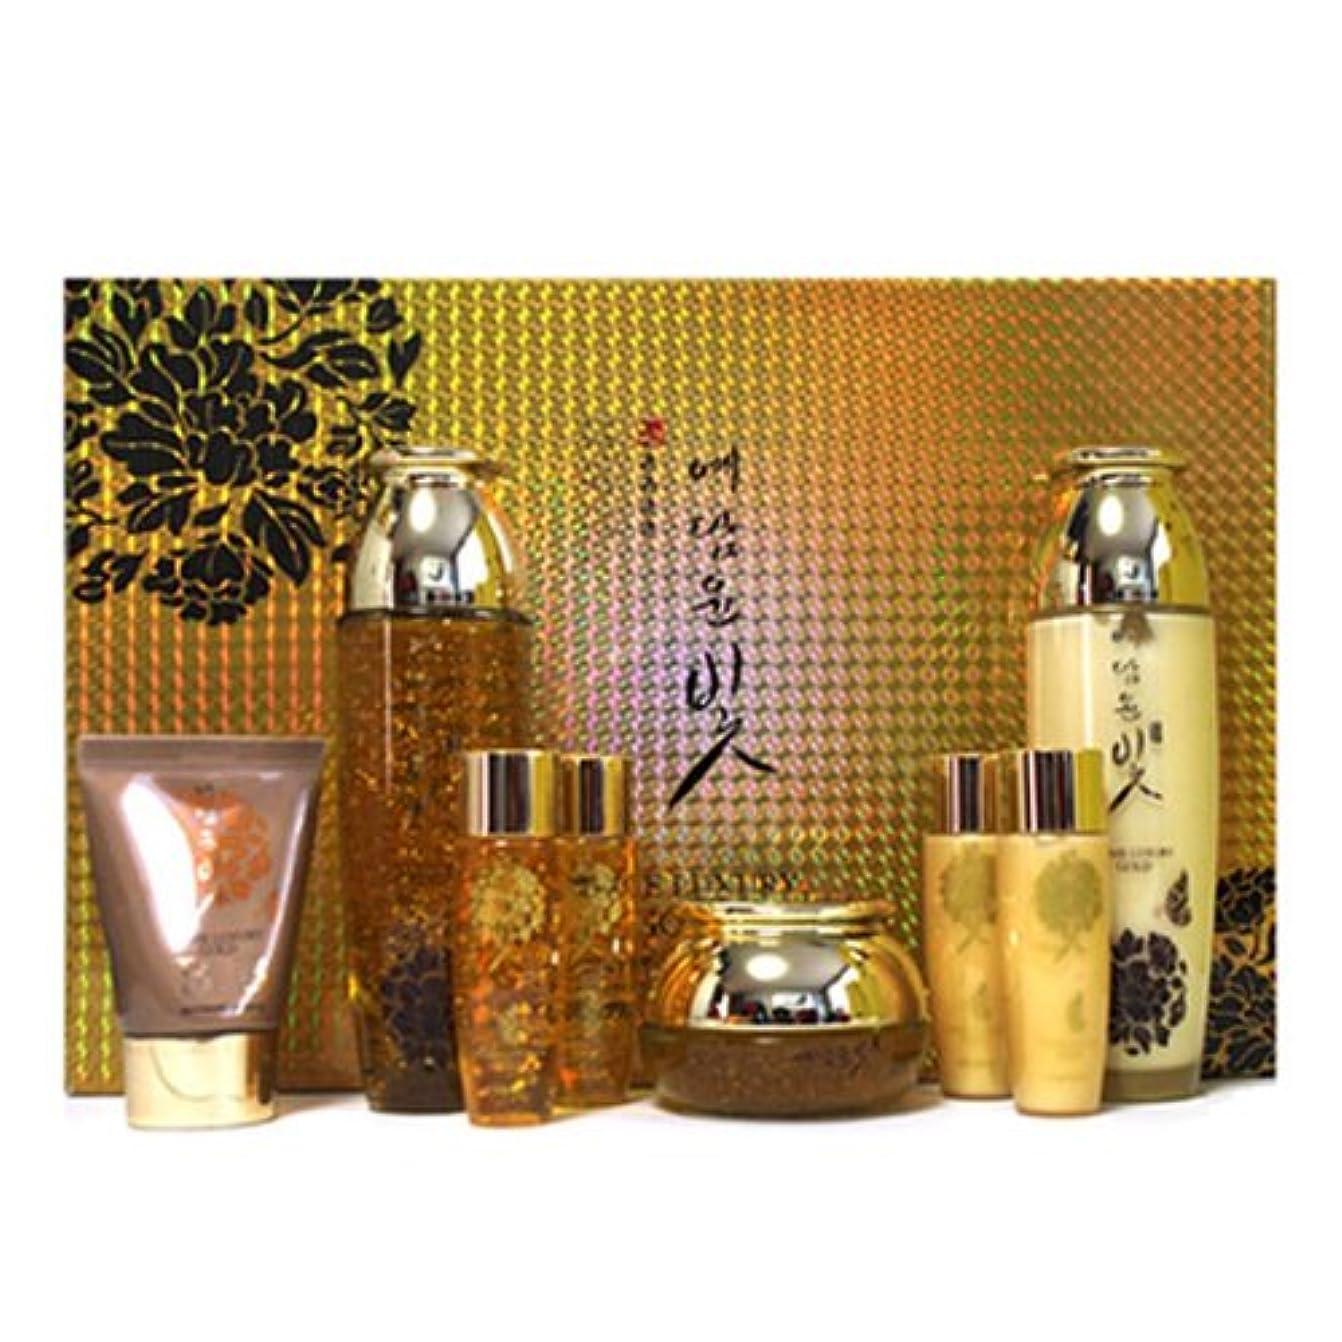 契約したそうでなければ目的イェダムユンビト[韓国コスメYedam Yun Bit]Prime Luxury Gold Skin Care Set プライムラグジュアリーゴールドスキンケア4セット 樹液 乳液 クリーム/ BBクリーム [並行輸入品]